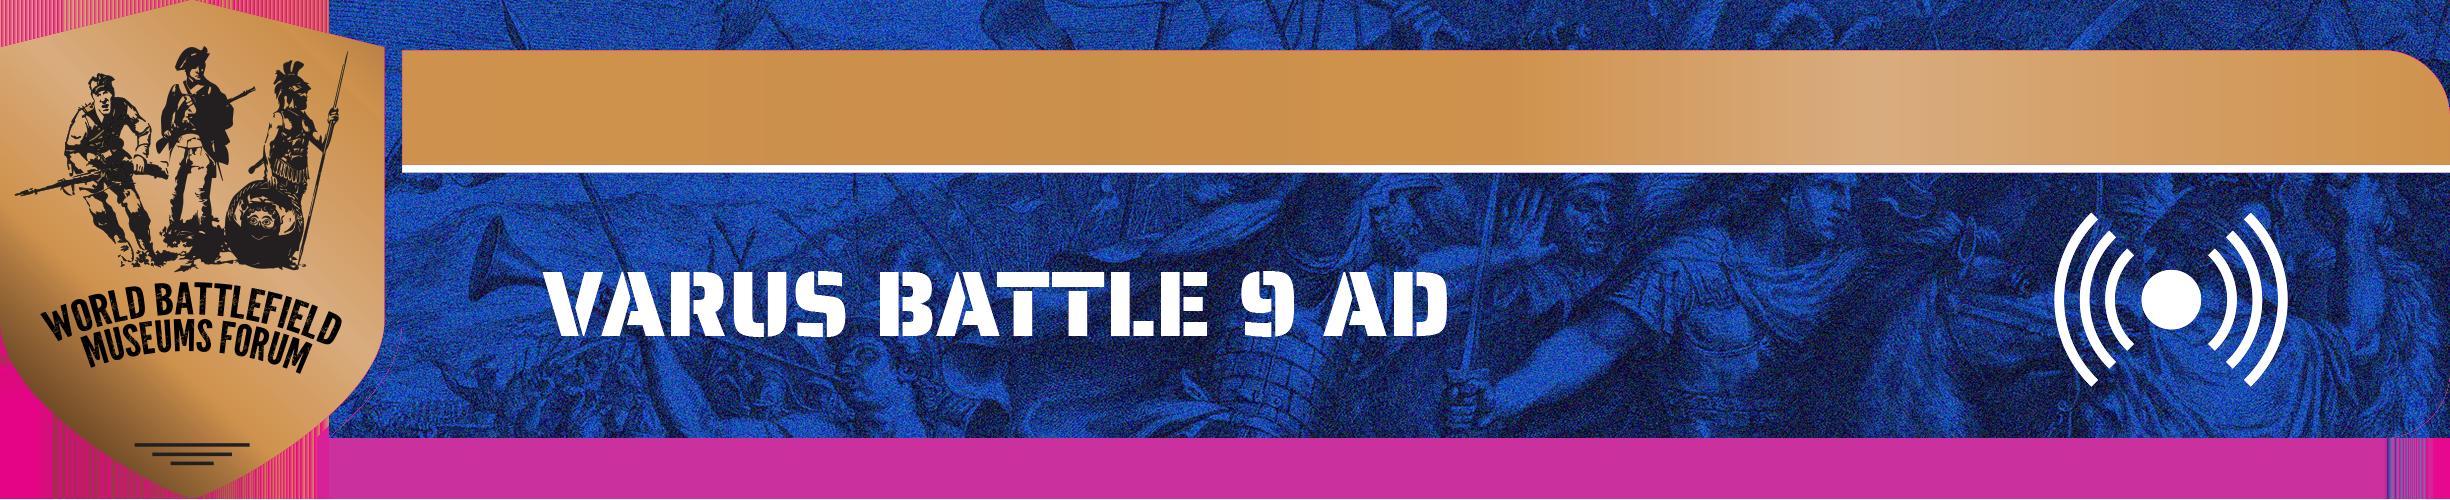 Audio Show Varus Battle 9 AD